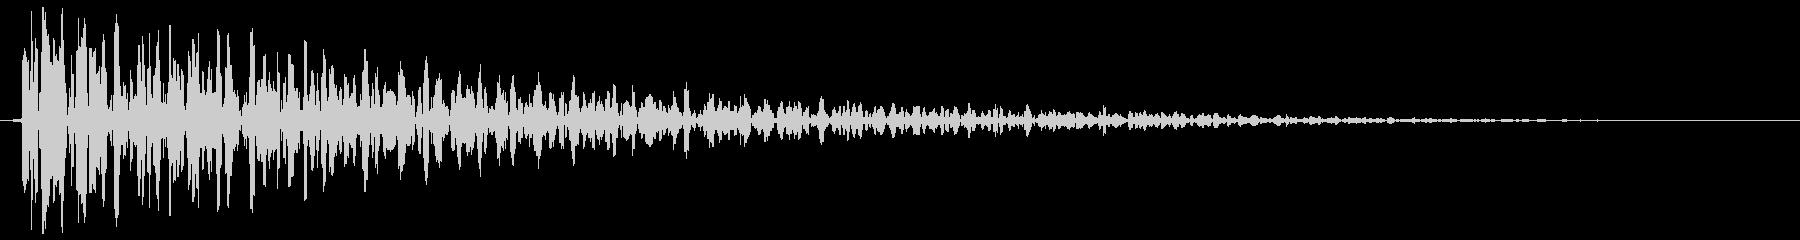 ボーン、ボォーン(柱時計、鐘の音)の未再生の波形